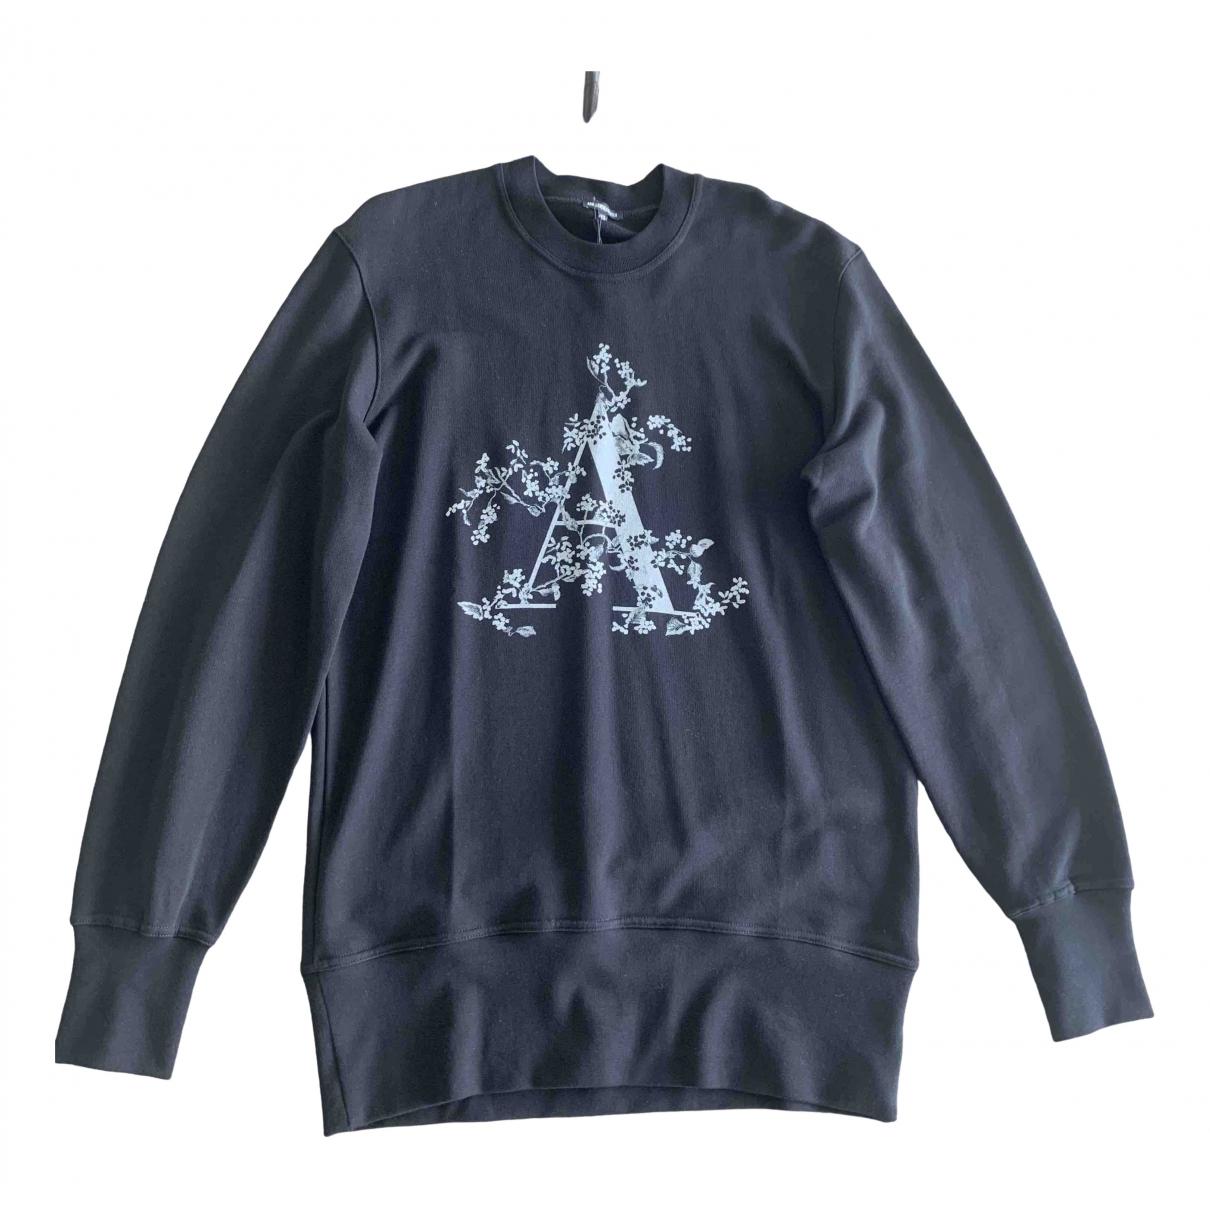 Ann Demeulemeester \N Black Cotton Knitwear & Sweatshirts for Men M International